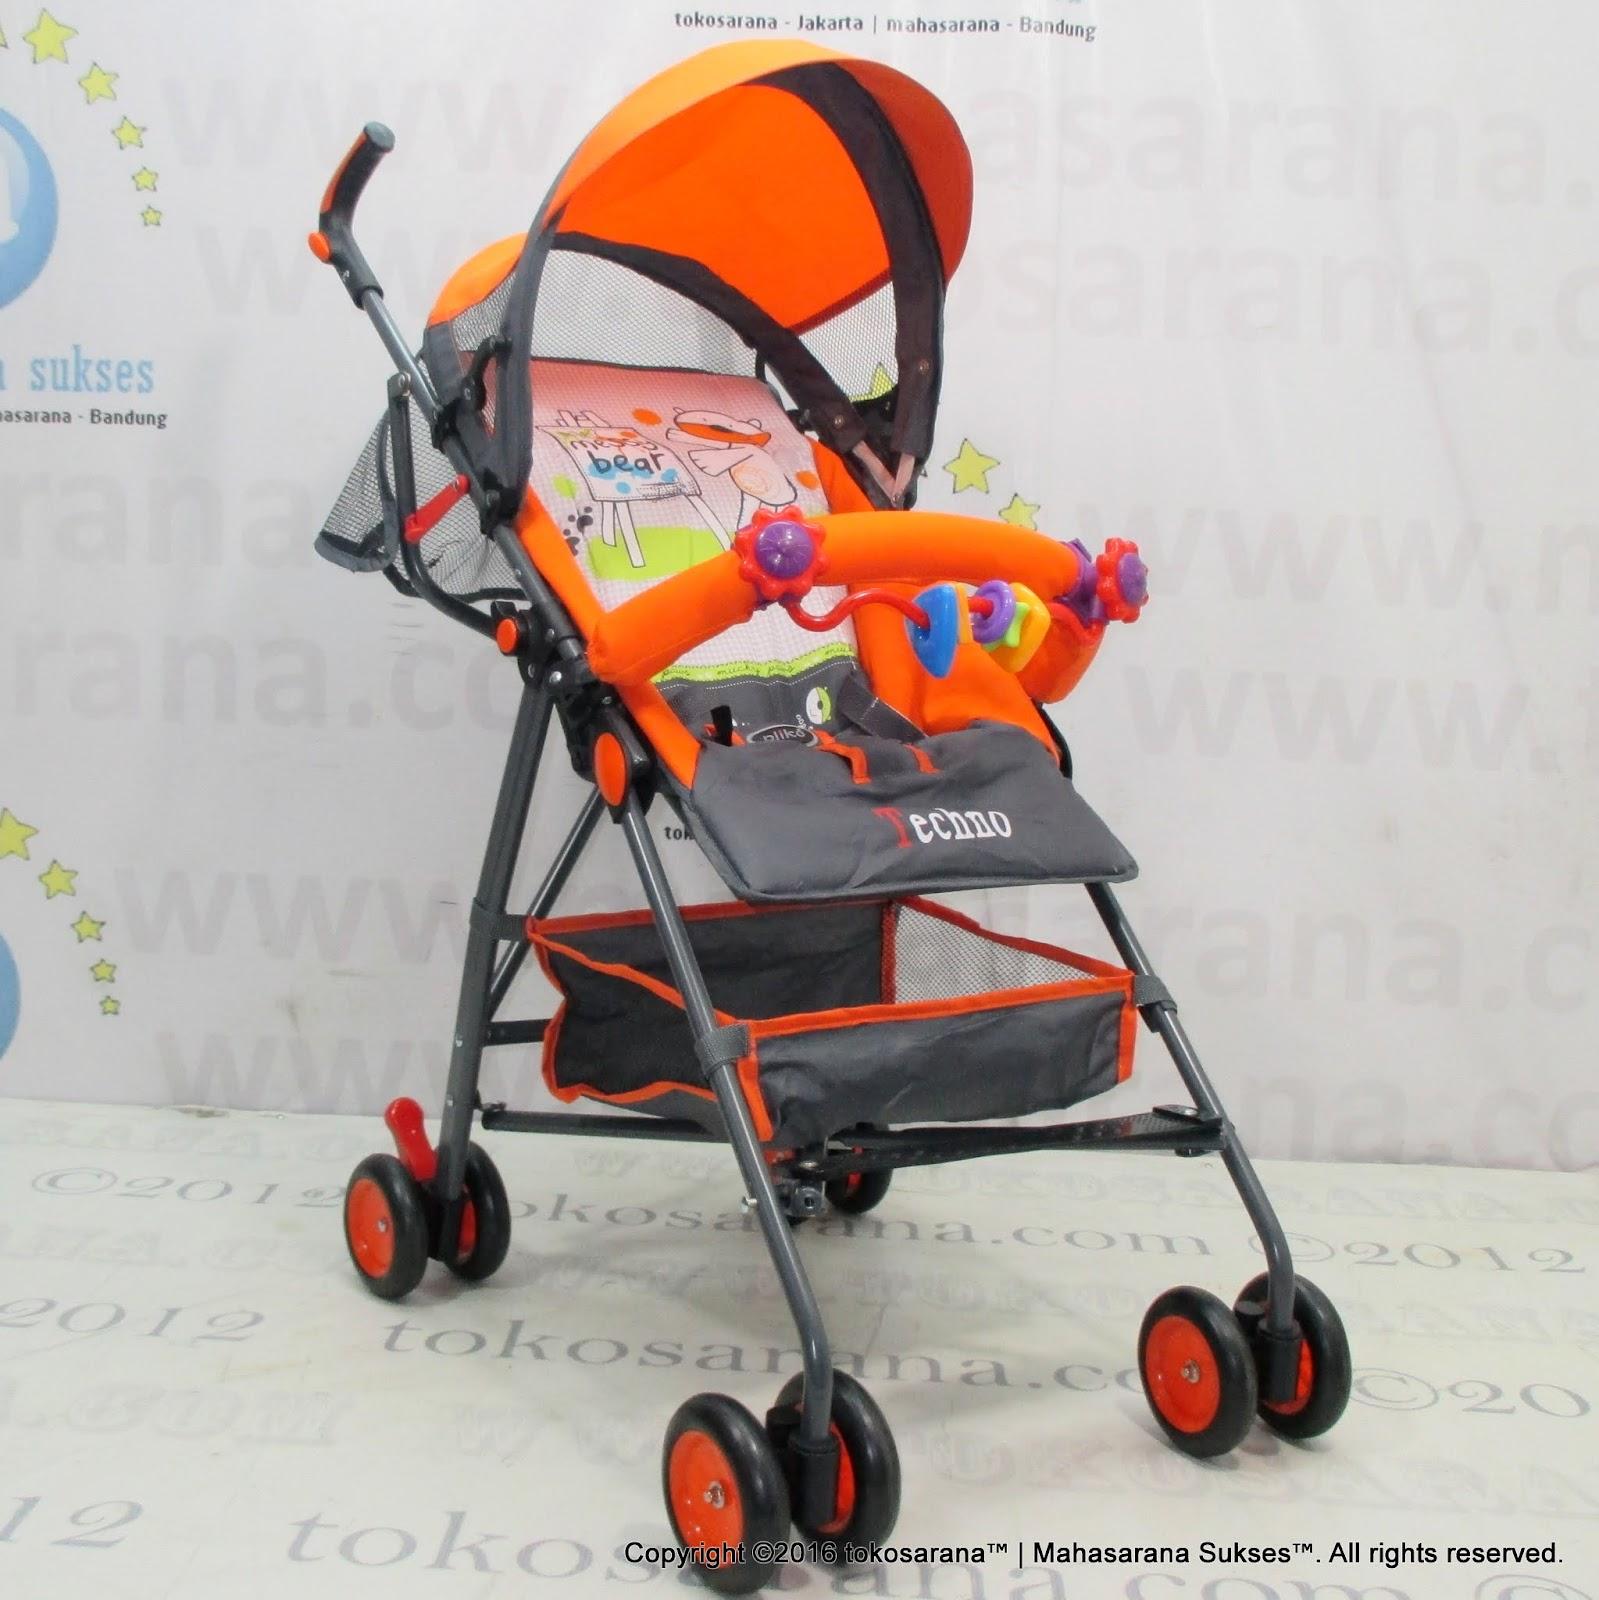 swing chair mudah girls bean bag chairs tokosaranajakarta jatinegara kereta bayi pliko pk107n